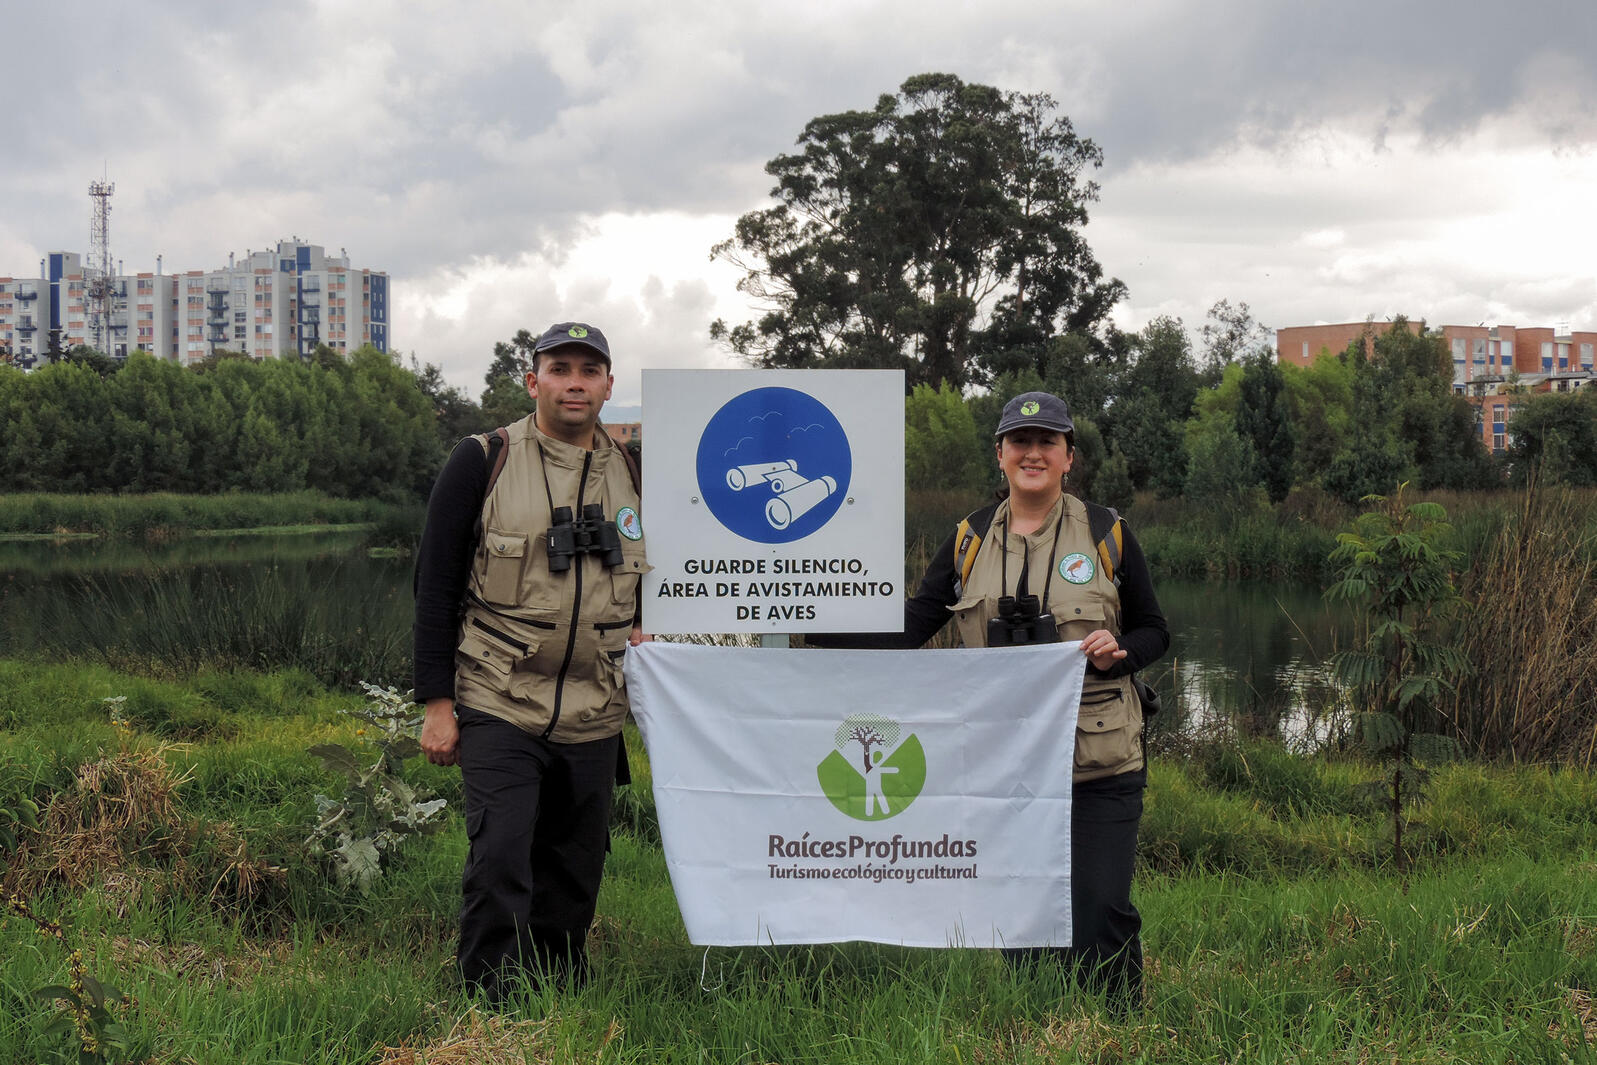 Liliana Marcela Ospina Sanchez and Juan Carlos Rubiano Reyes. Raíces Profundas Turismo Ecológico y Cultural